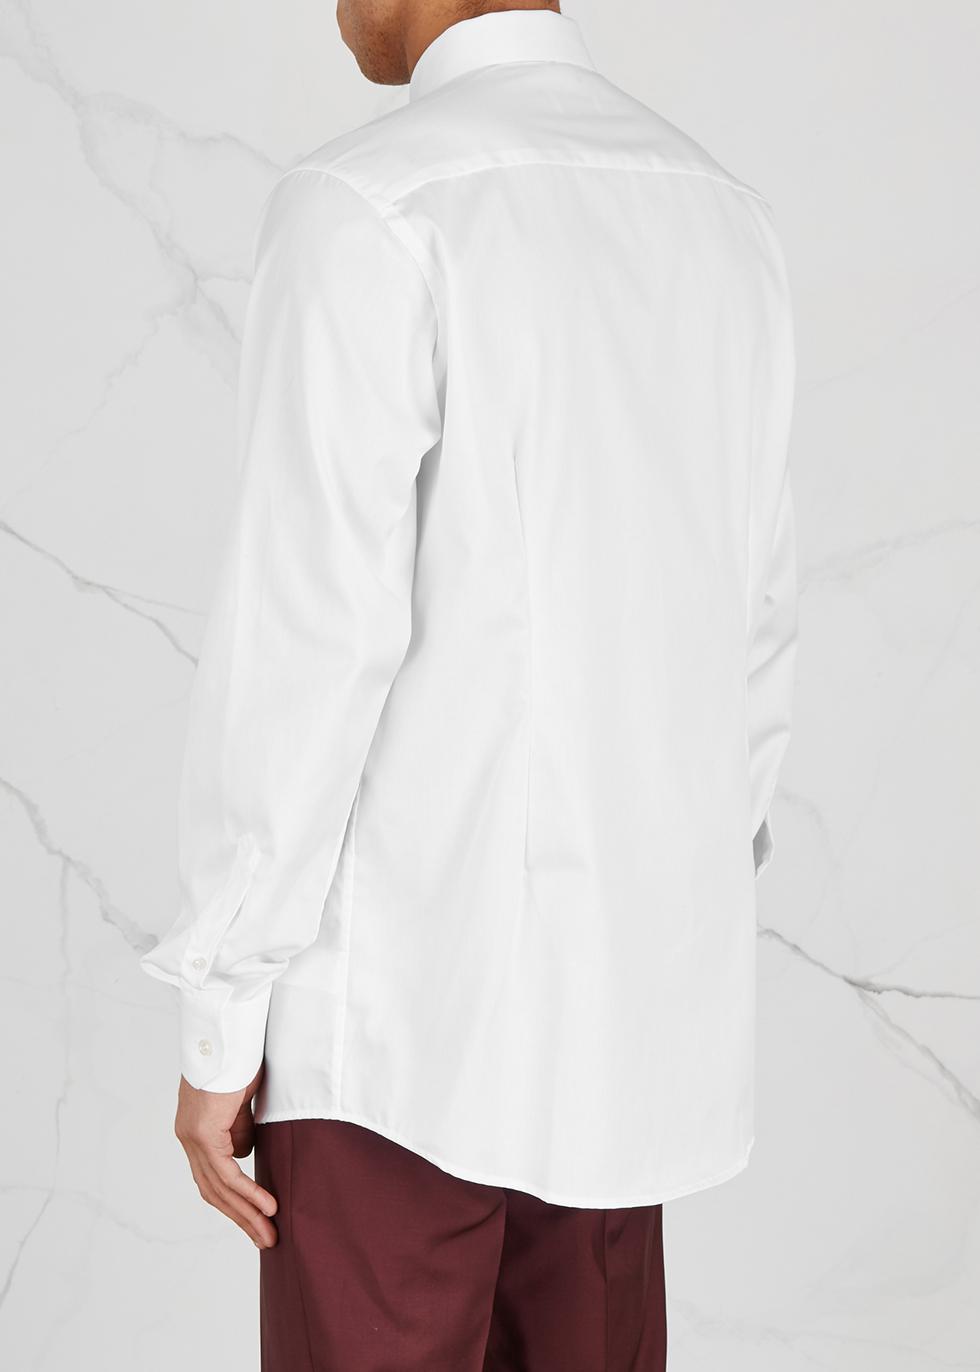 White contemporary cotton twill shirt - Eton